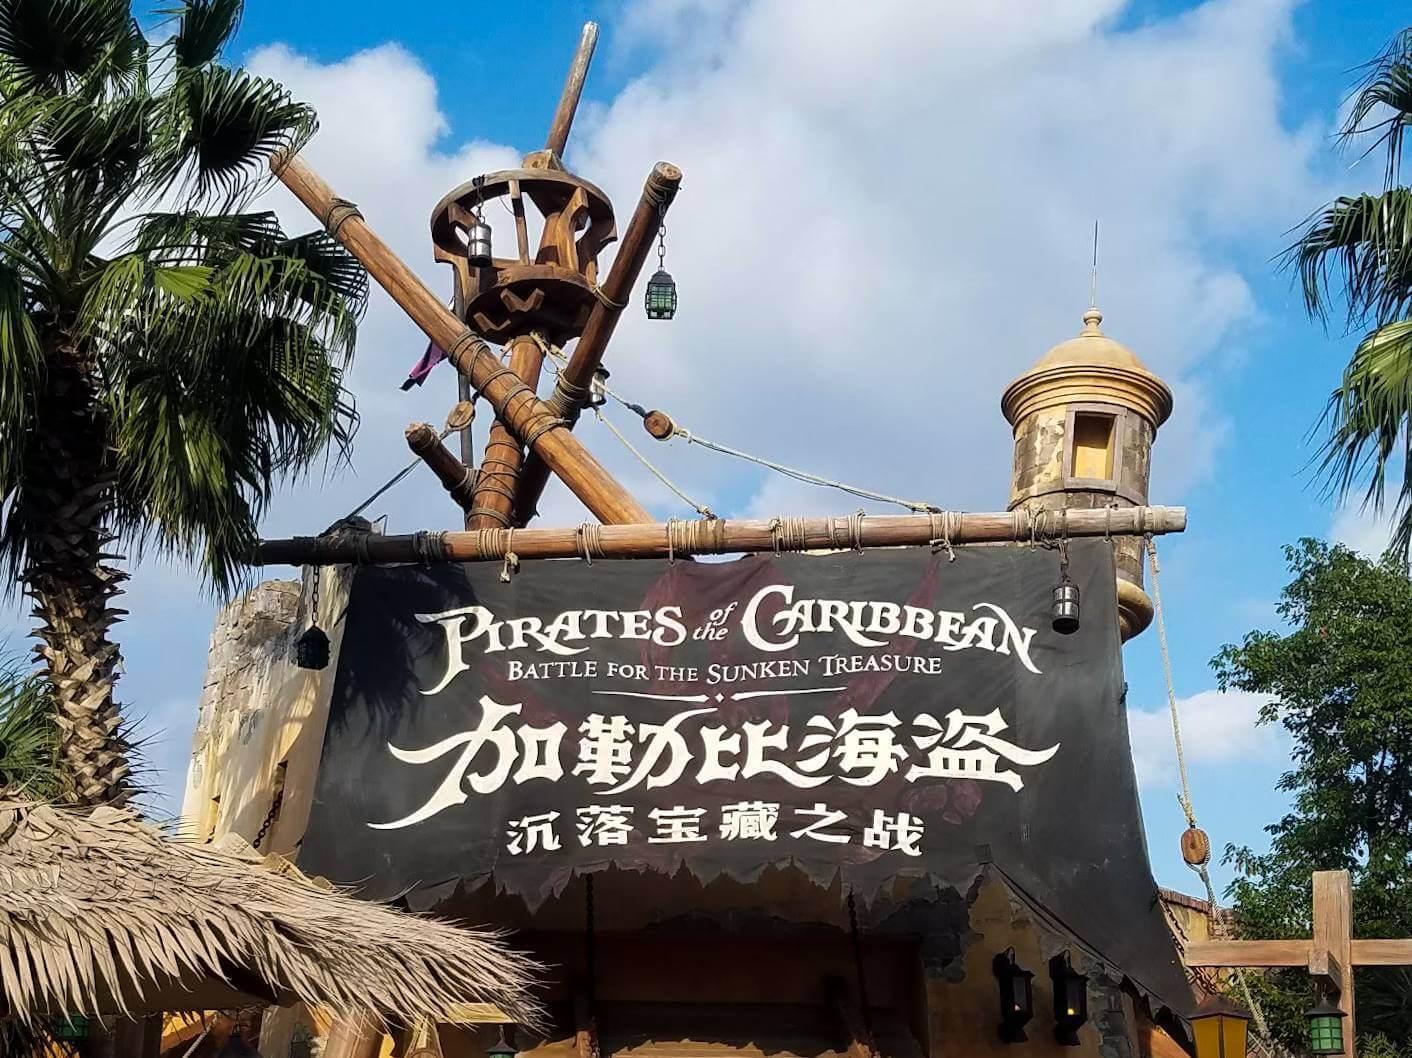 上海ディズニーのカリブの海賊はエンディングが2種類!!日本カリブとの違いはどこ?【別次元の面白さ!】